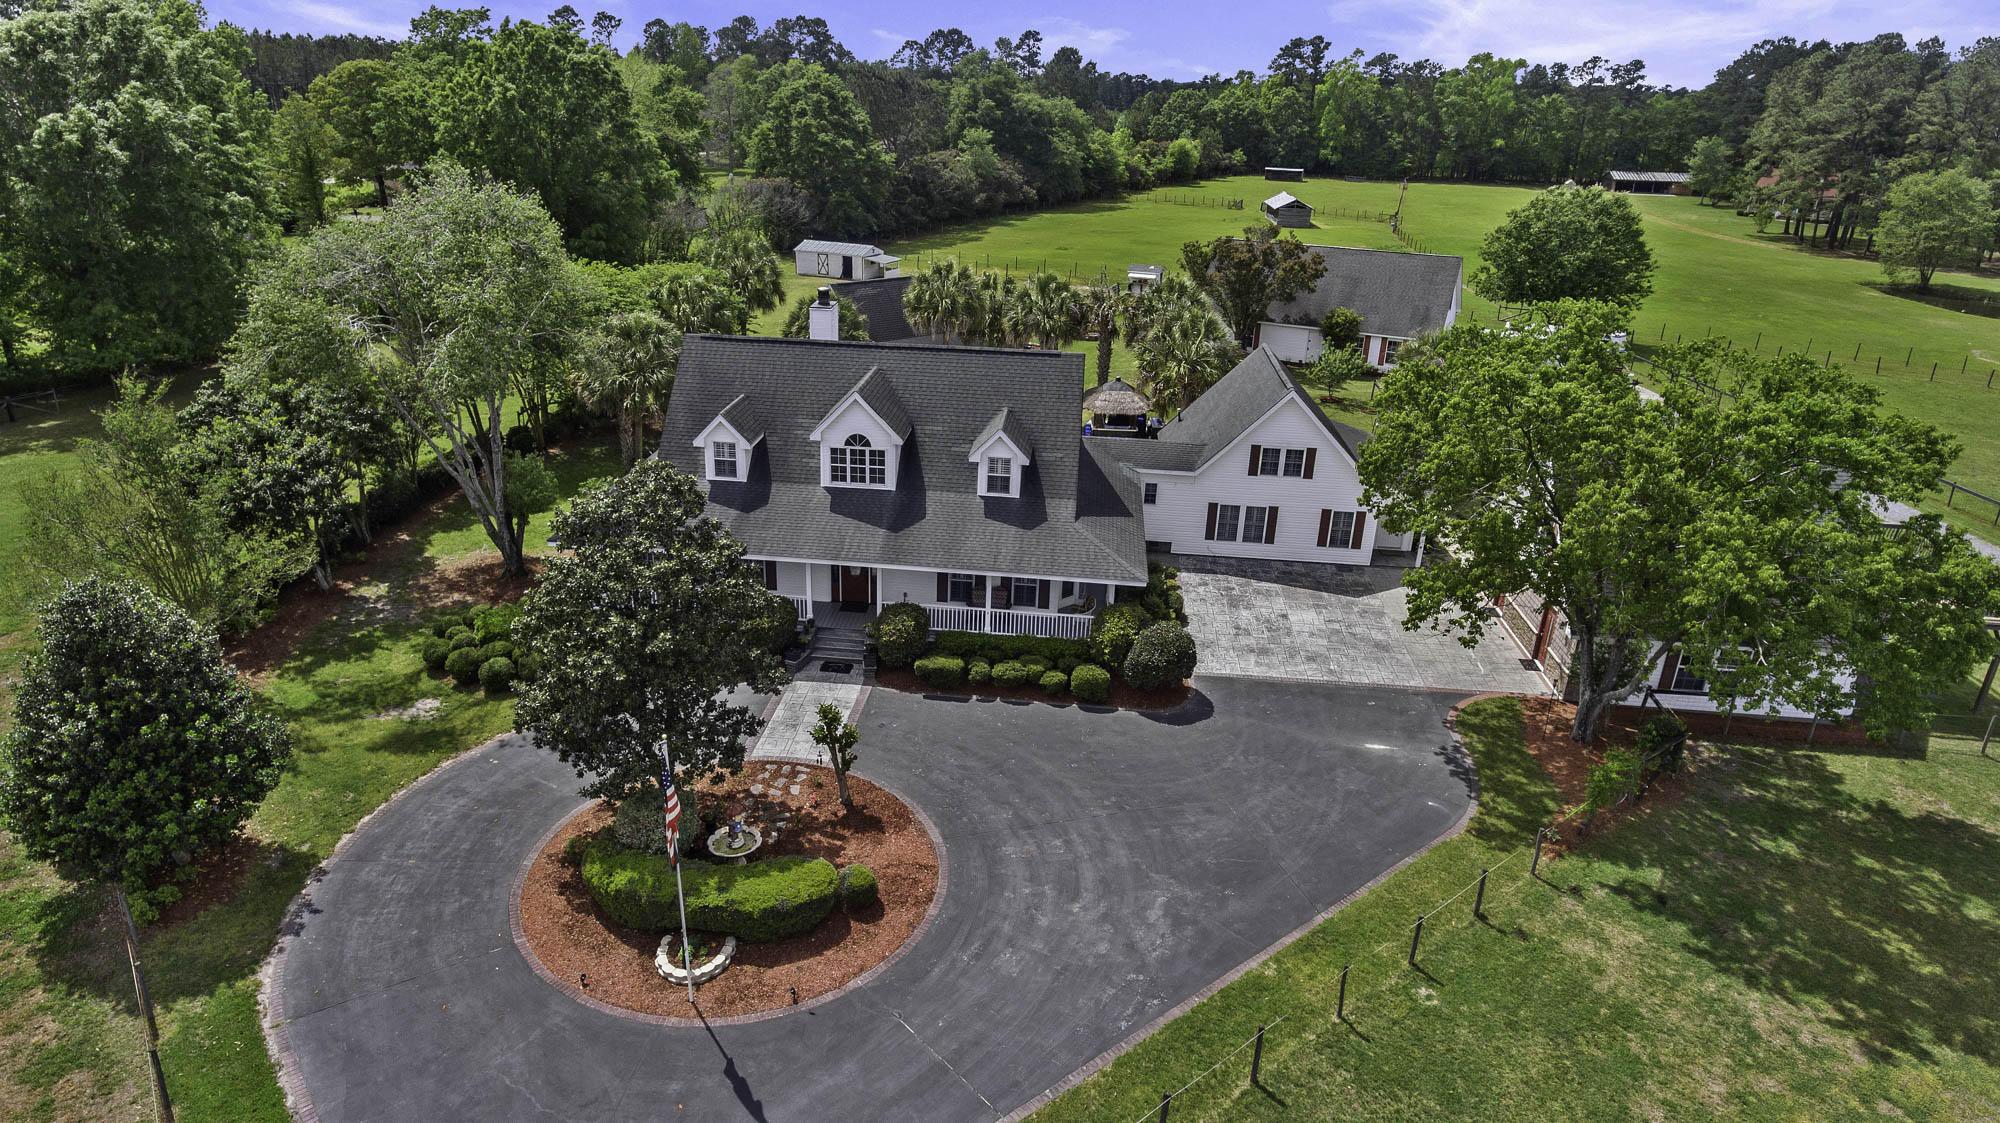 Walton Grove Homes For Sale - 119 Walton Grove, Summerville, SC - 16